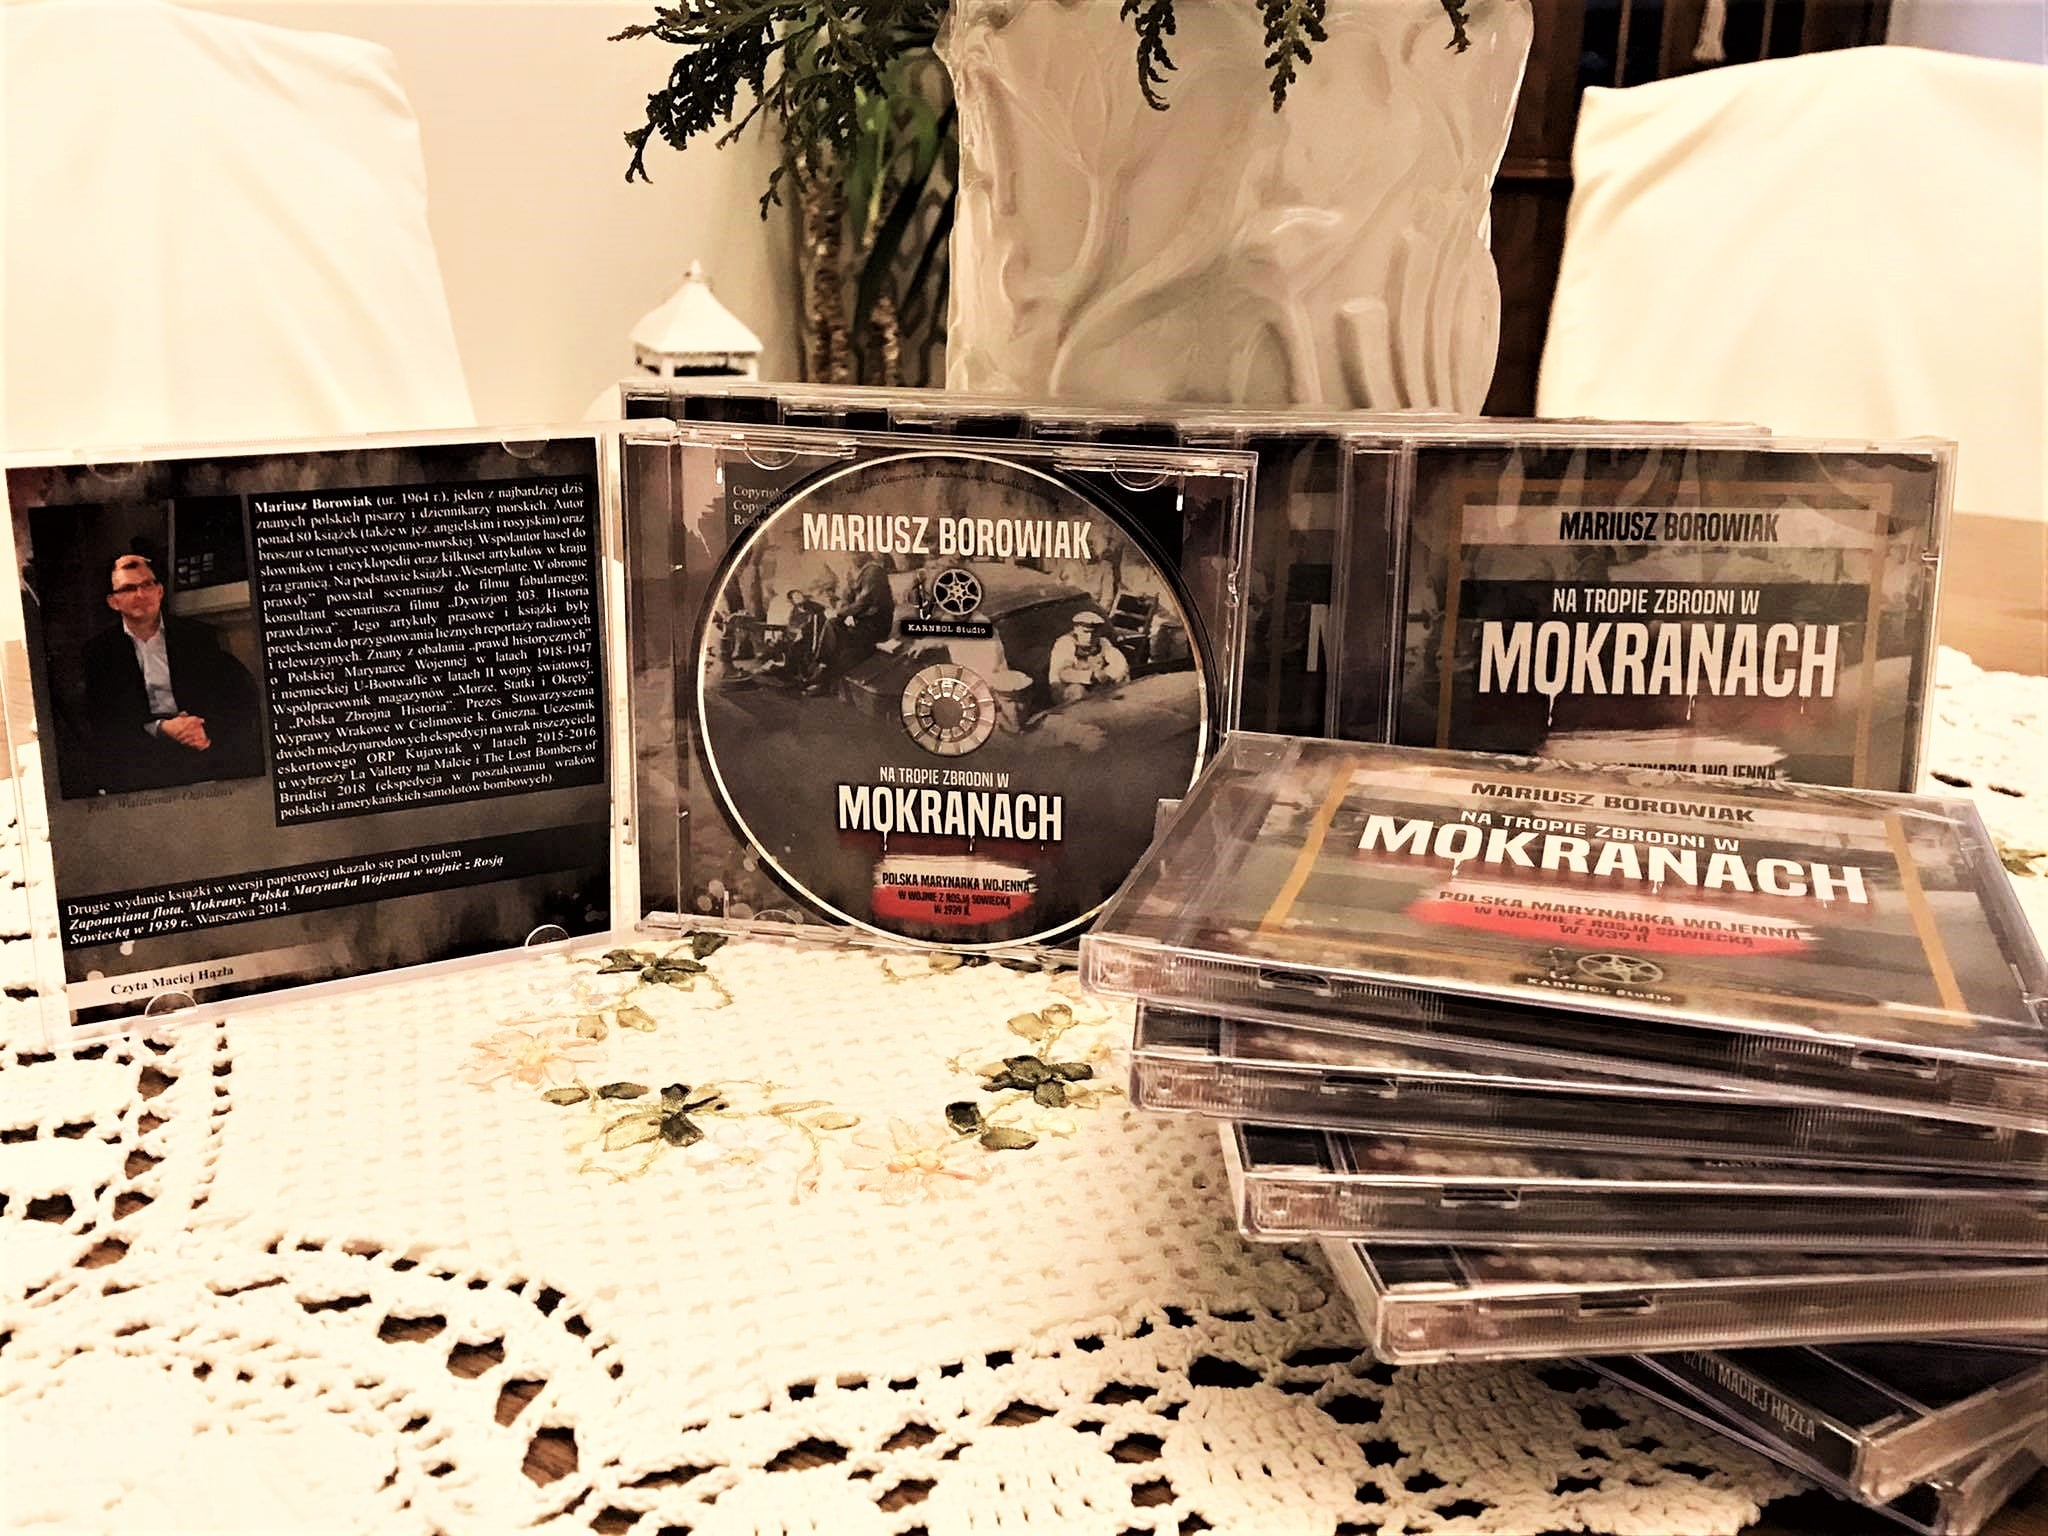 Zbrodnia w Mokranach - FB: Mariusz Borowiak